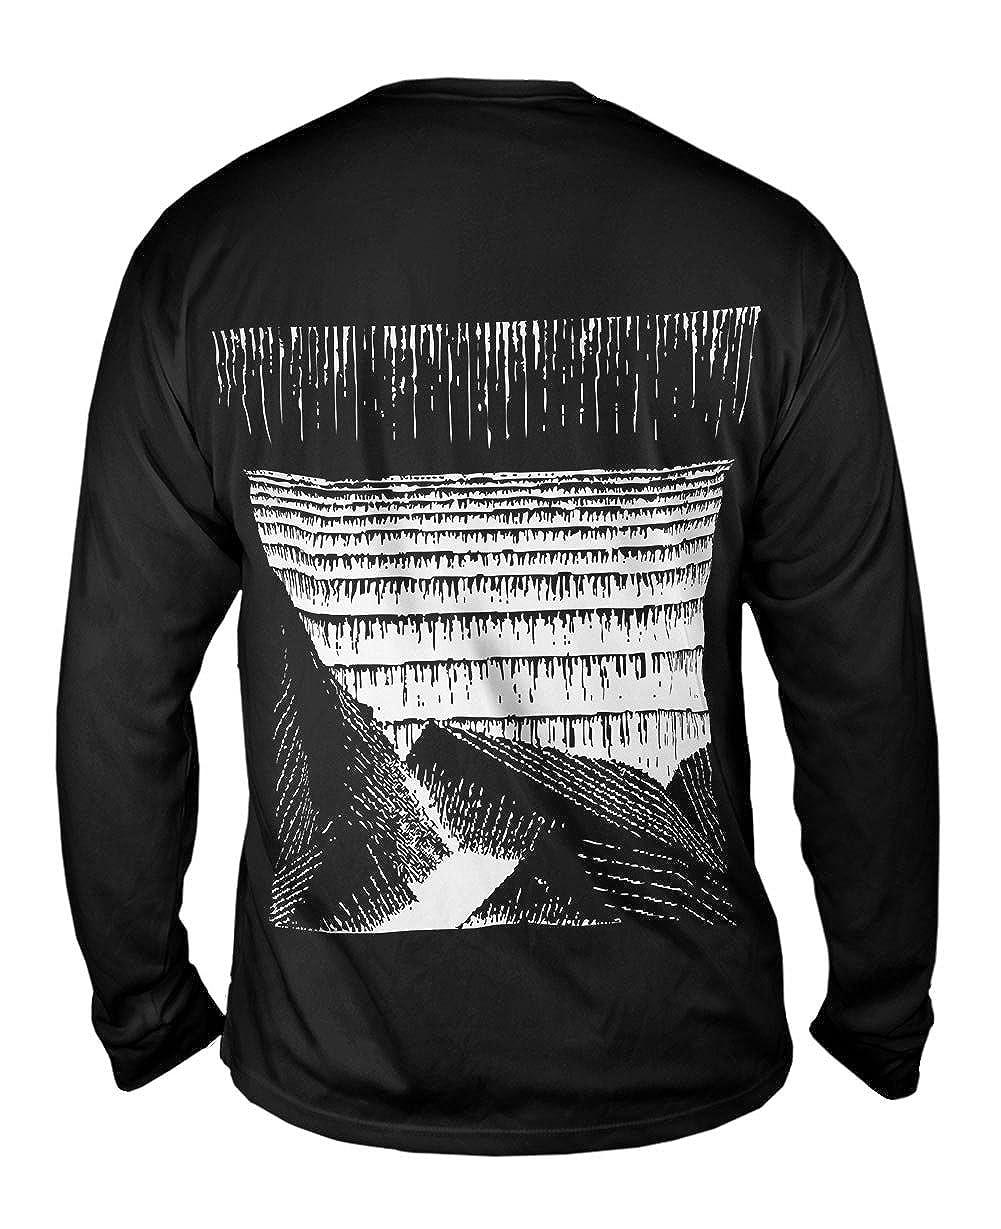 Yizzam Blocks of Basalt Along Mens Long Sleeve 2013 M.C.Escher